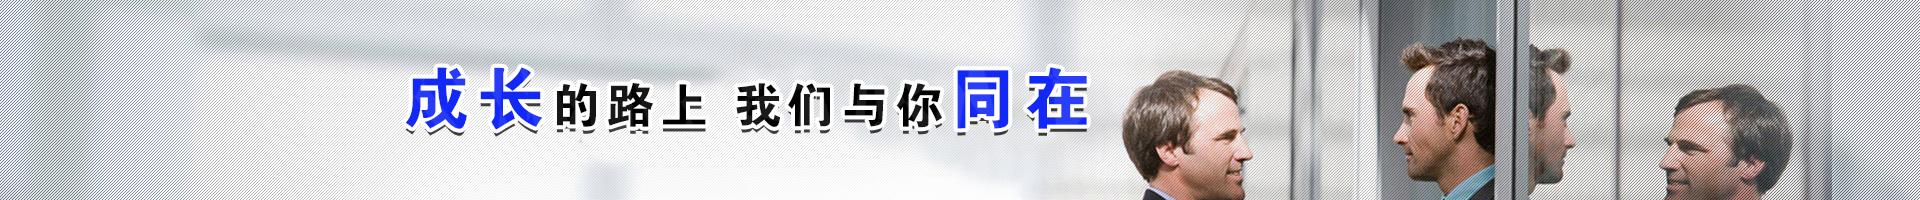 大奖娱乐在线_图片展示